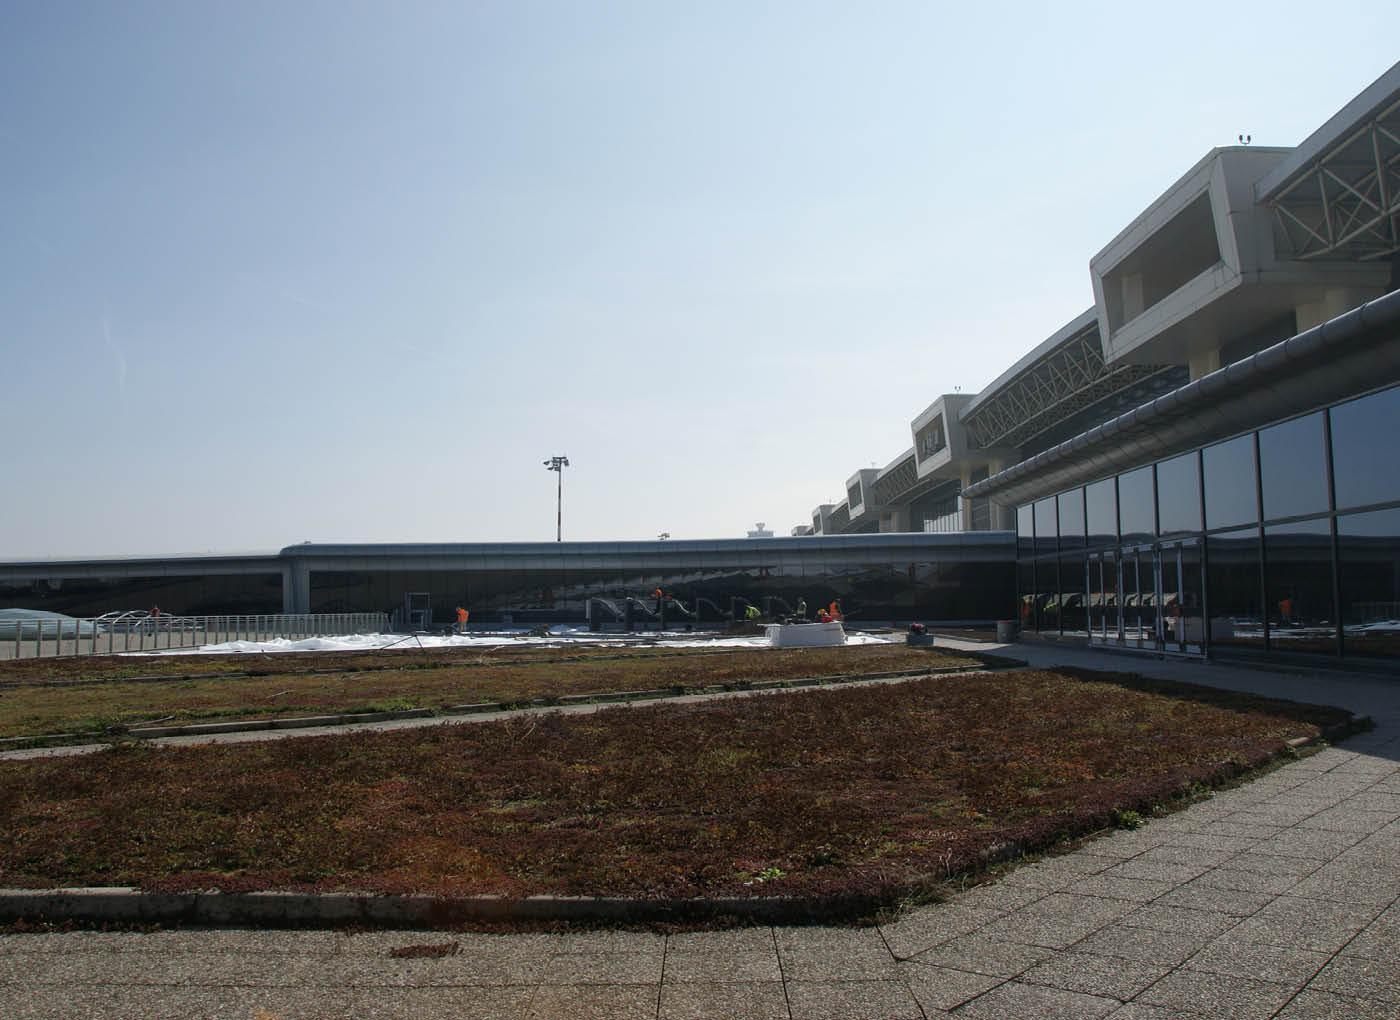 aeroporto-malpensa-giardino-pensile-agrileca-lecagreen-11